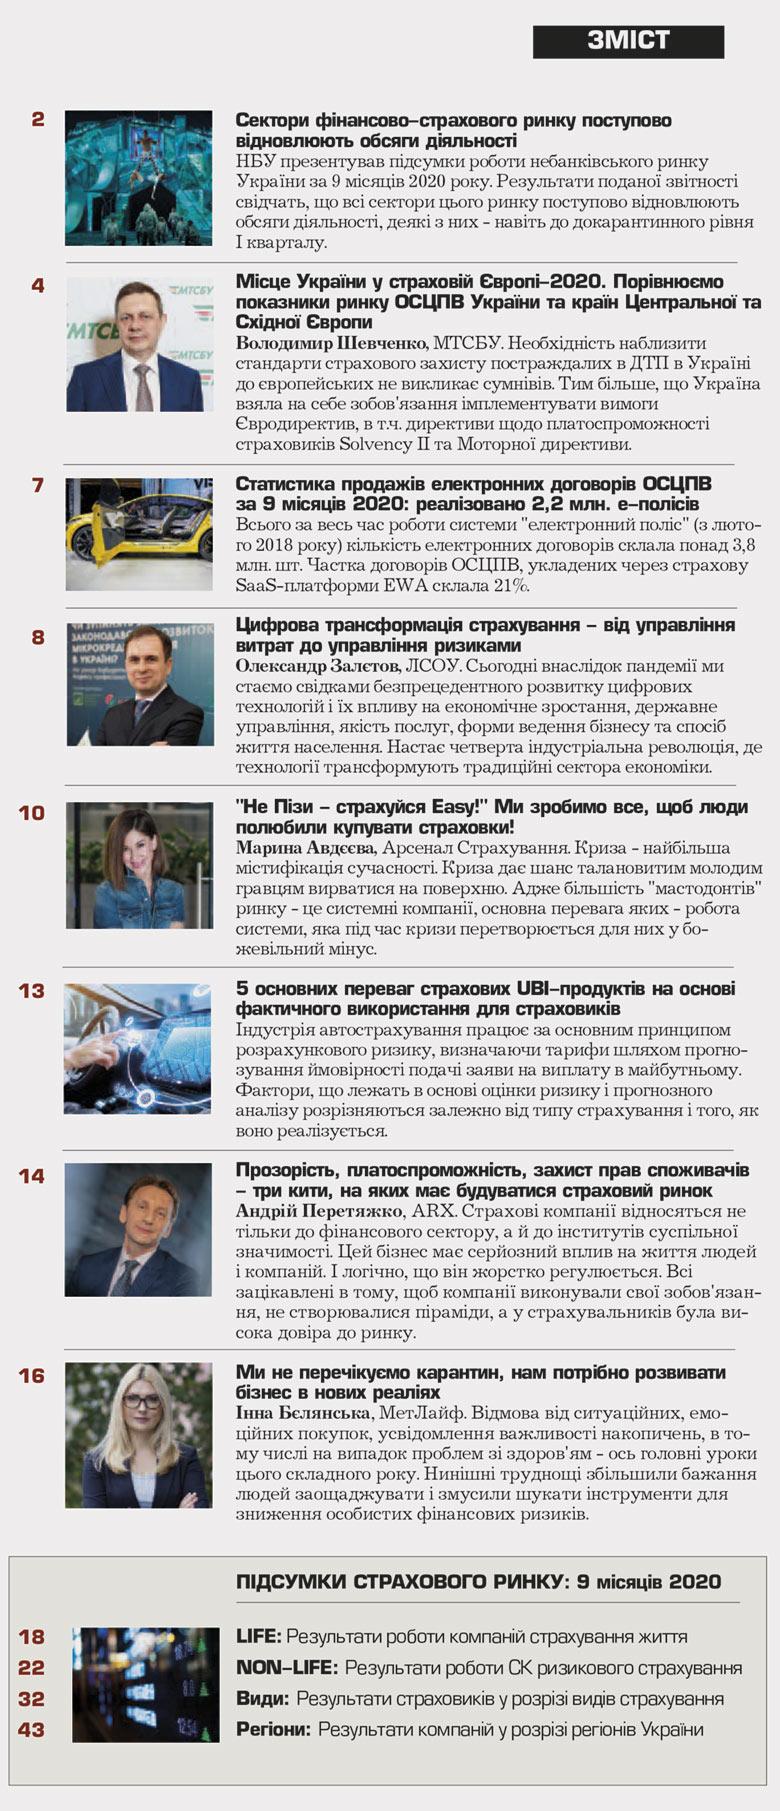 Журнал Insurance TOP №7(75)2020 - итоги страхового рынка Украины за 9 месяцев 2020 года